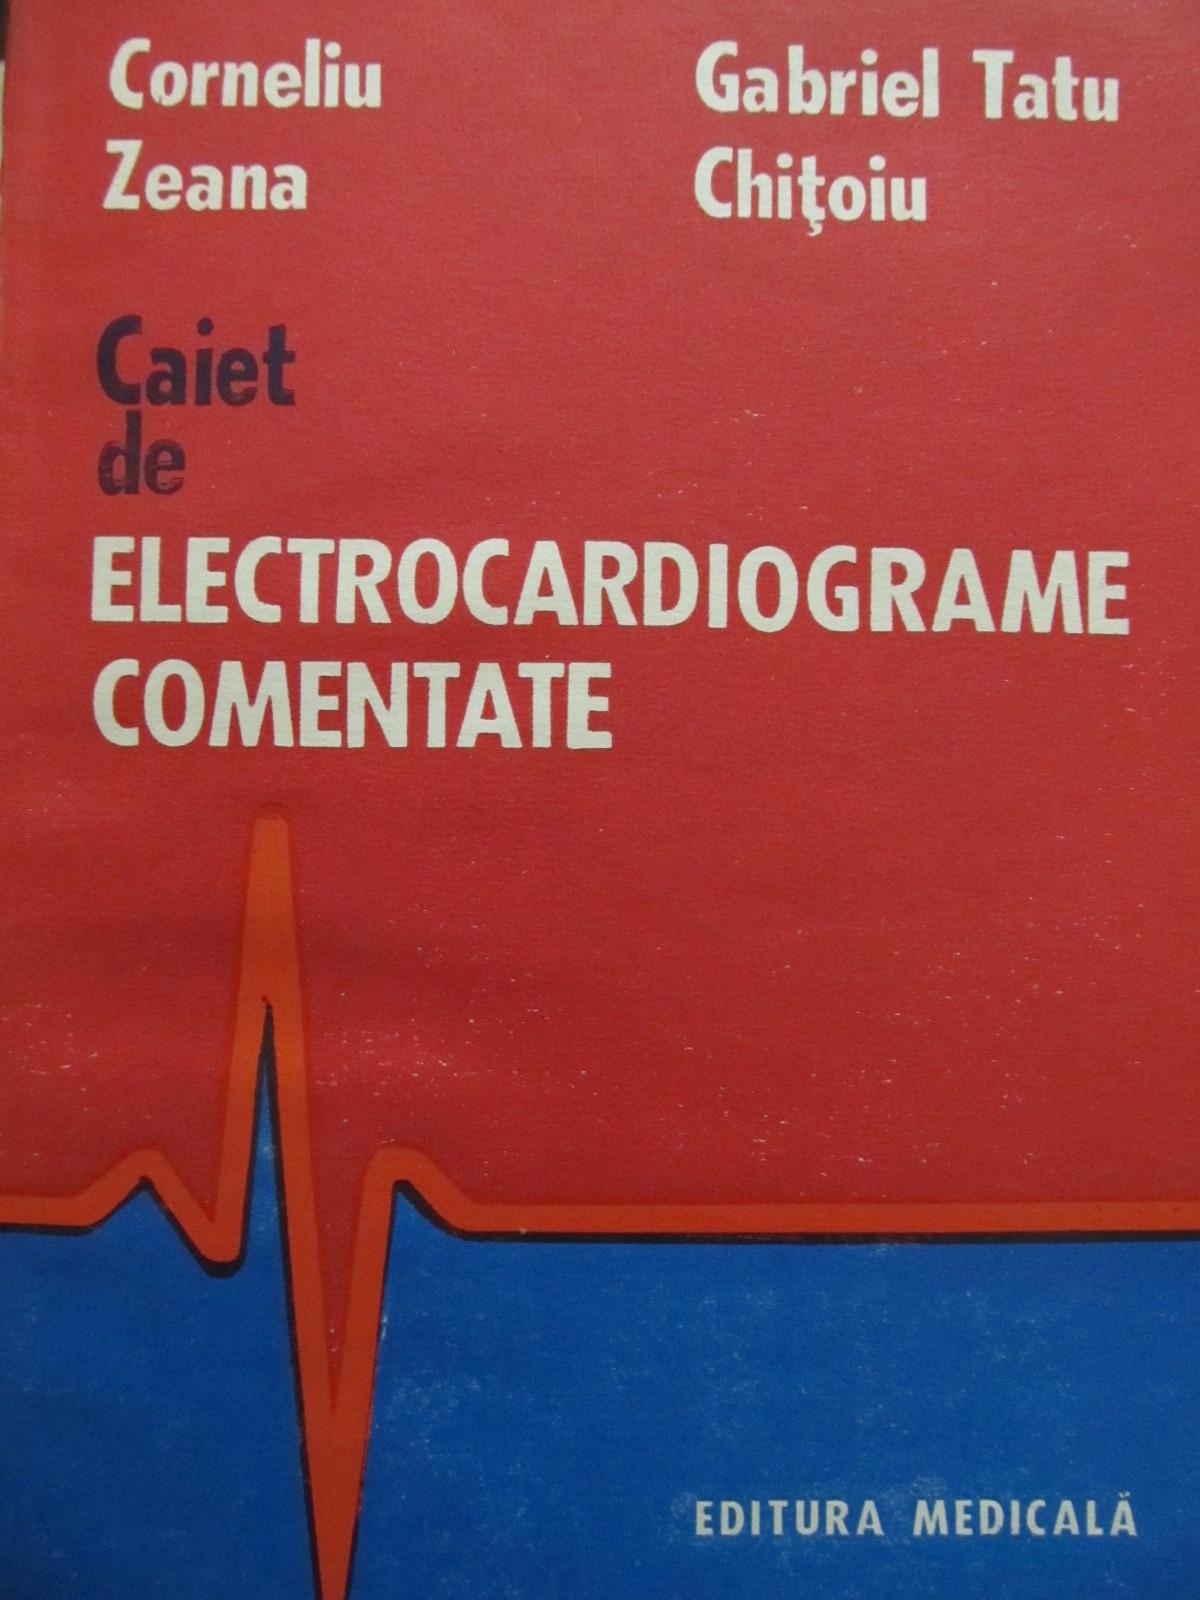 Caiet de electrocardiograme comentate - Corneliu Zeana , Gabriel Tatu Chitoiu | Detalii carte